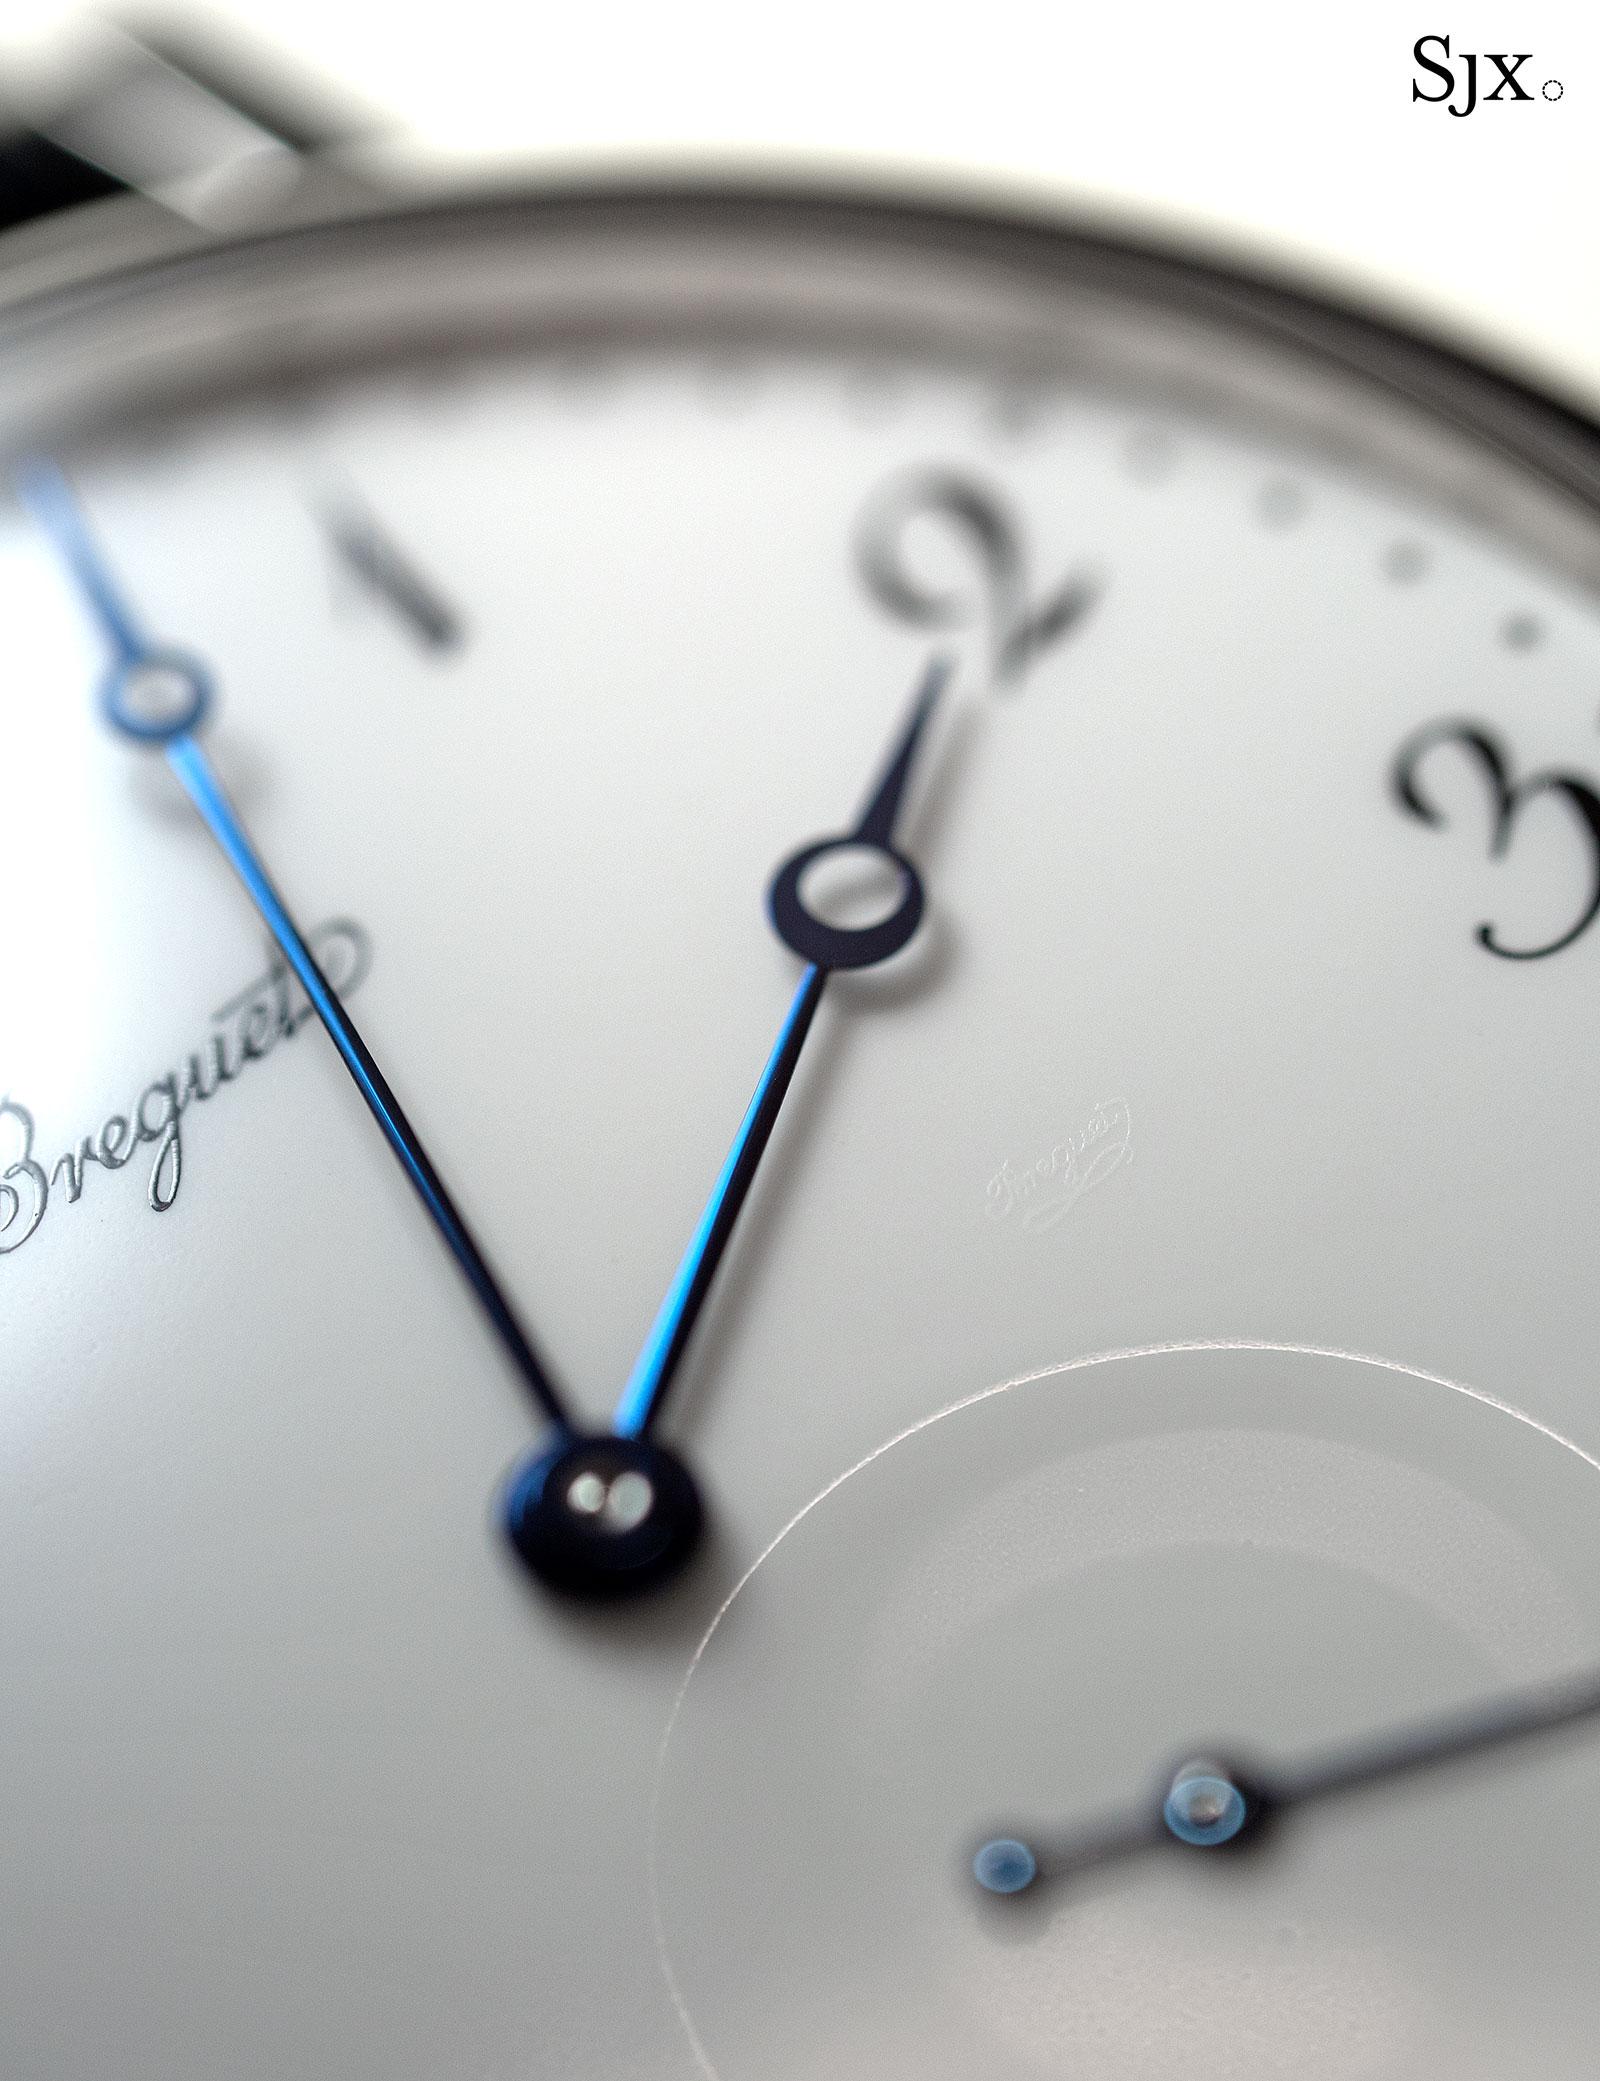 Breguet Classique 7147 enamel dial 11